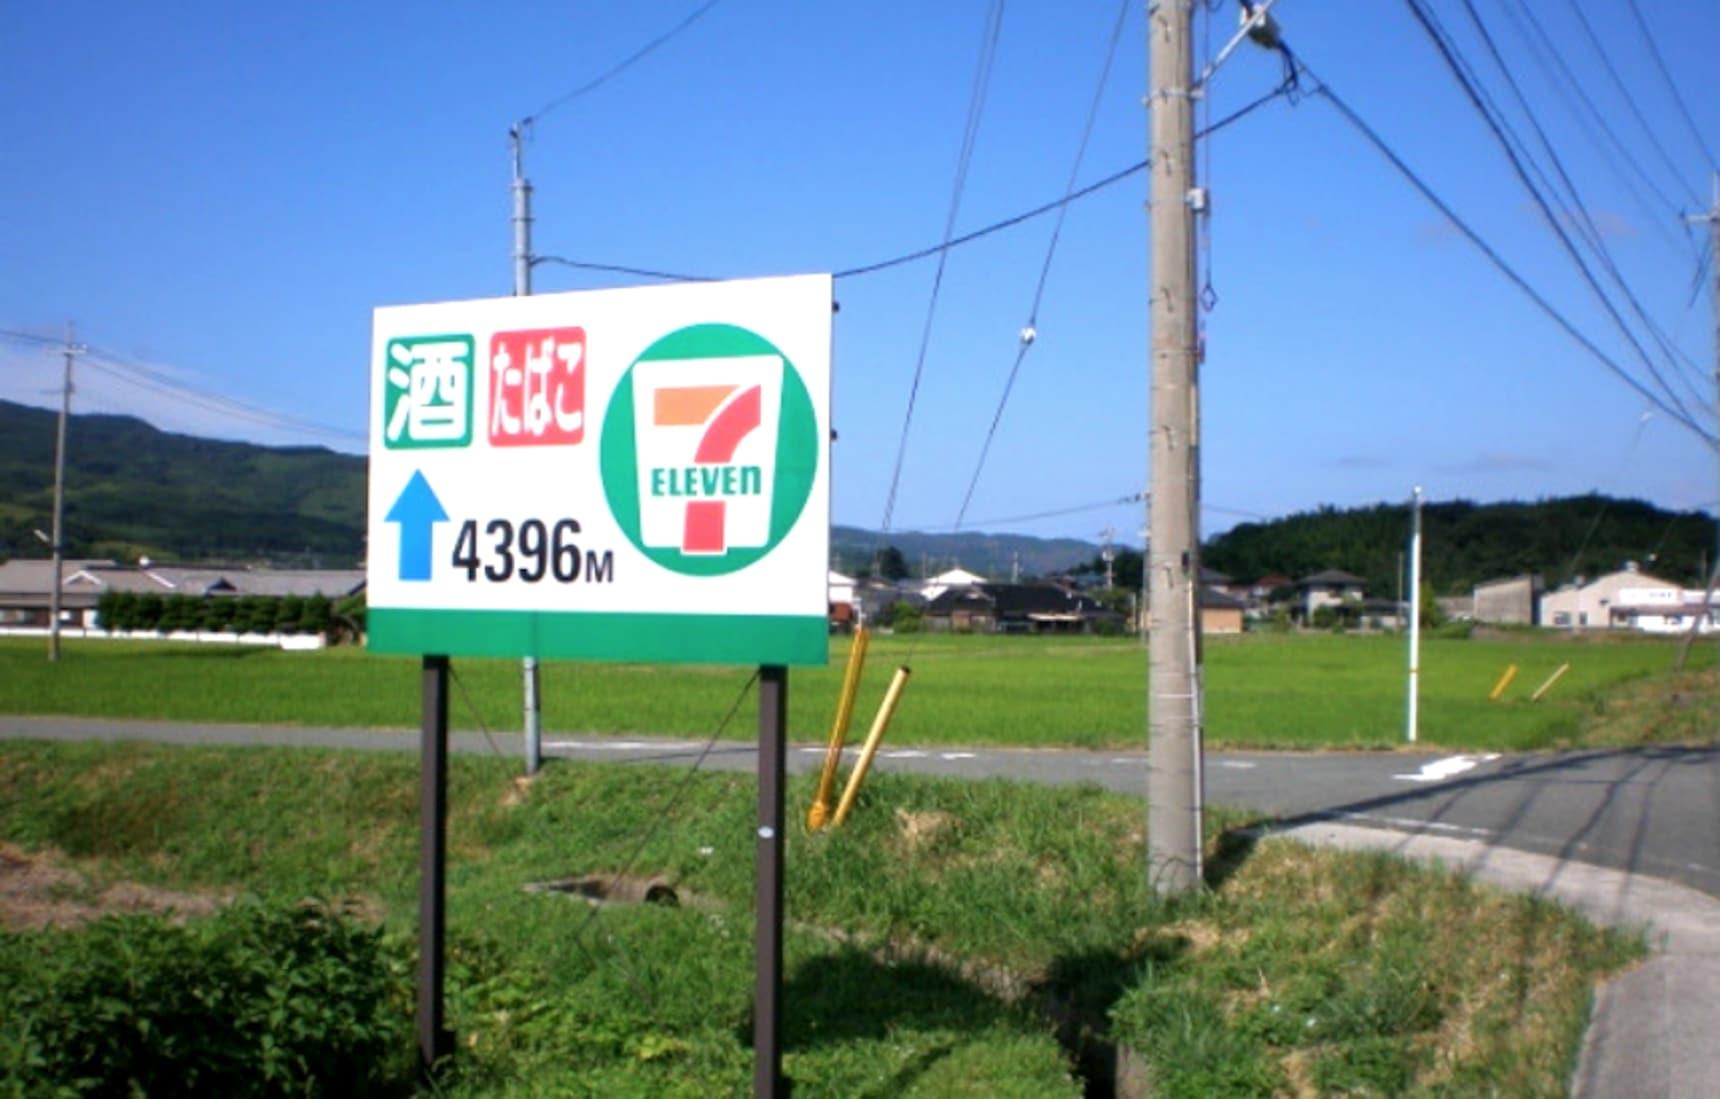 """""""距離便利店還有4396公尺?!""""都會日本人不知道的鄉下奇景"""